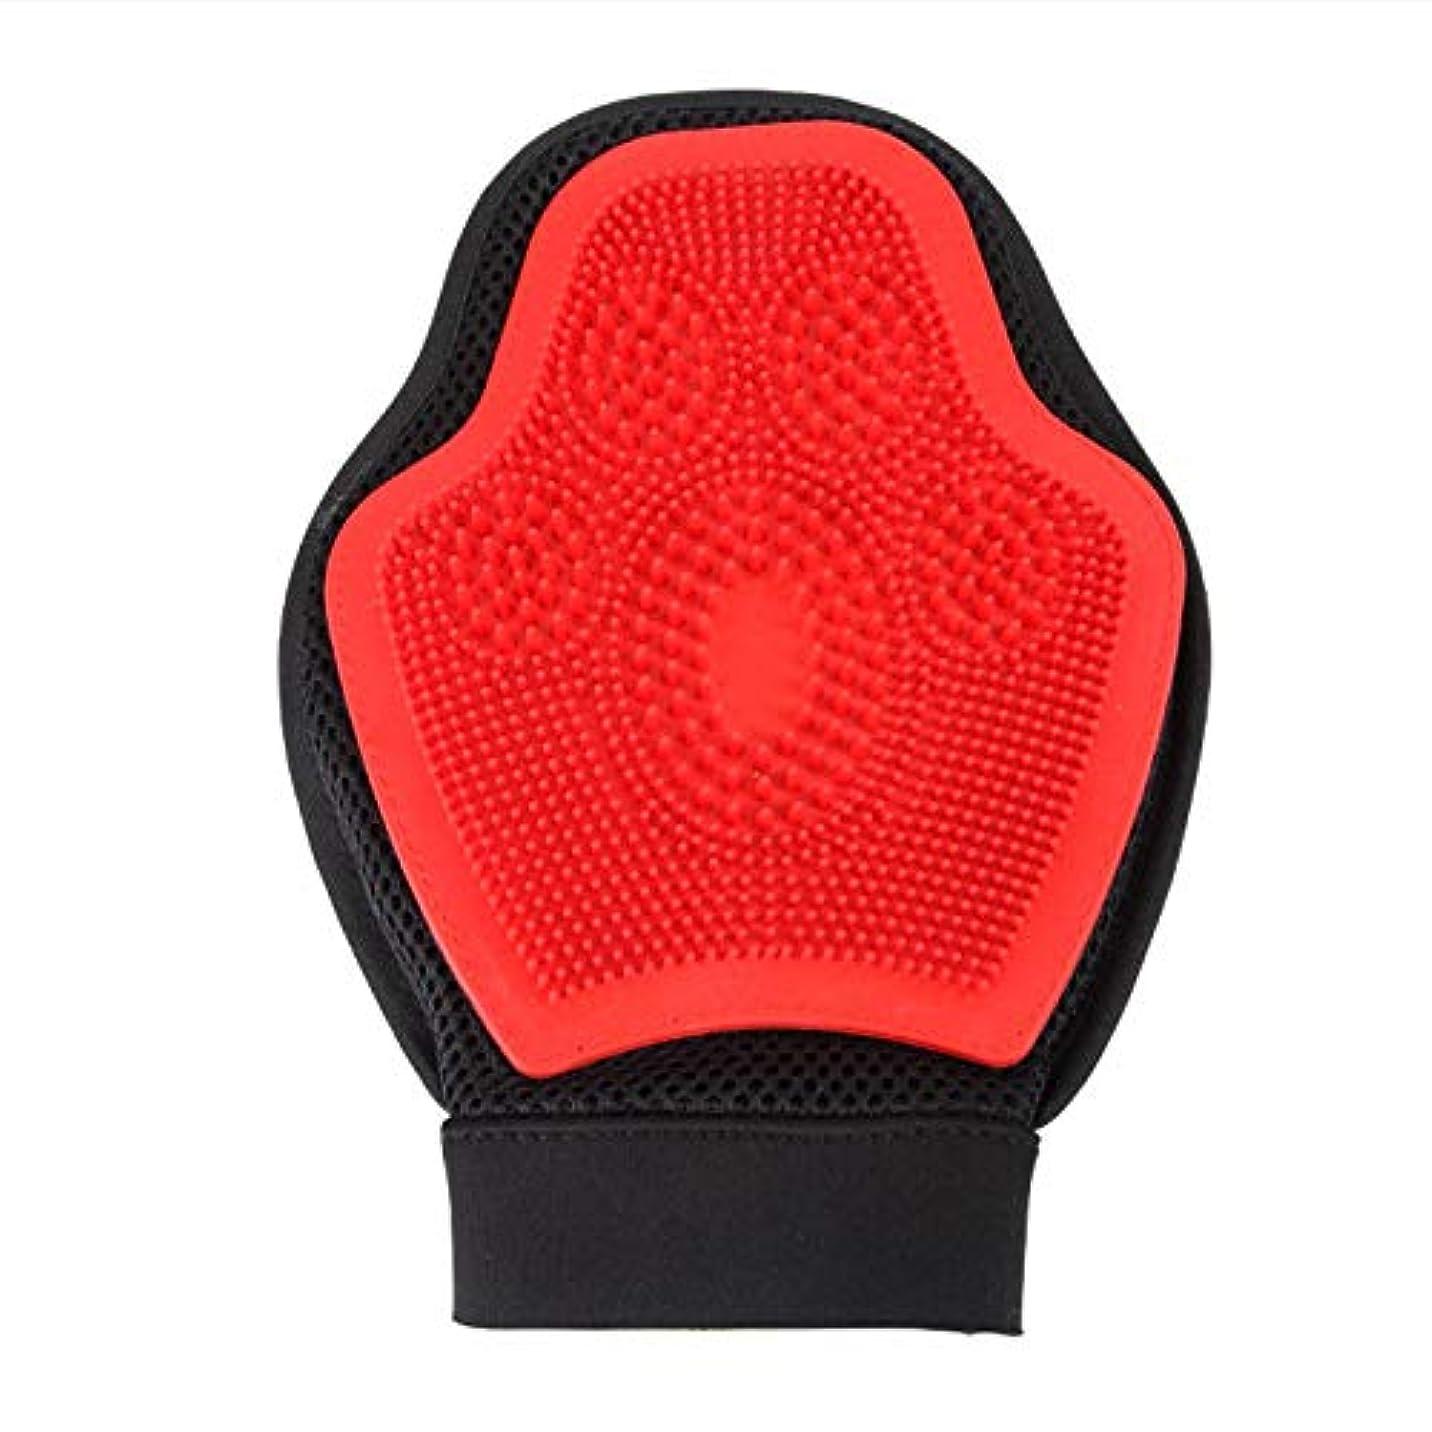 固有の結紮保有者BTXXYJP 手袋 ペット ブラシ グローブ 猫 ブラシ クリーナー 抜け毛取り ブラッシング マッサージブラシ 犬 グローブ ペット毛取りブラシ お手入れ (Color : Red, Size : L)